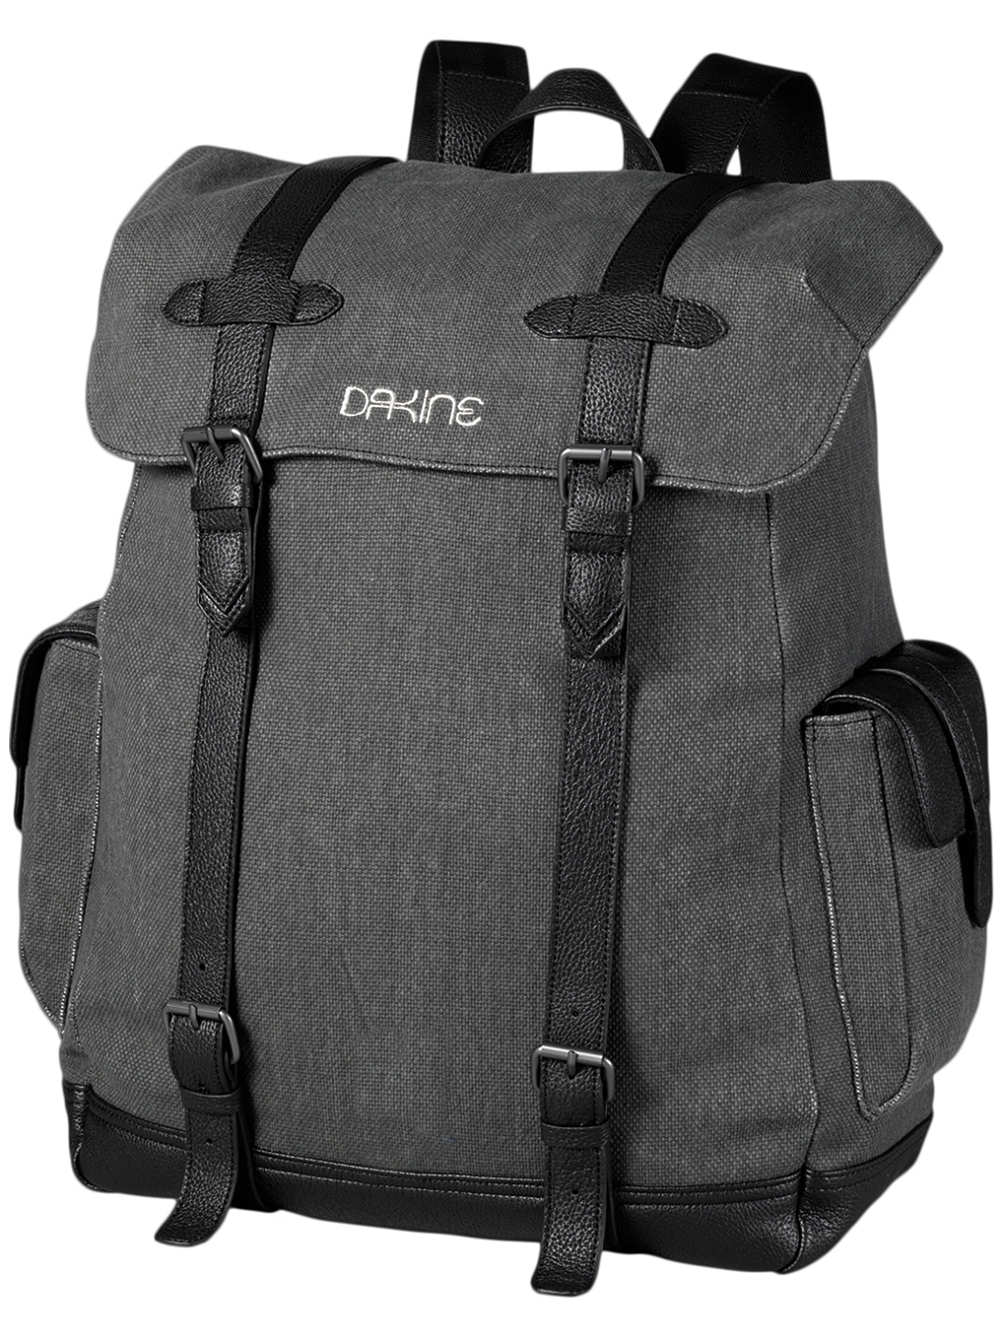 Product image of Dakine Seabreeze Bag Backpack 23L Black